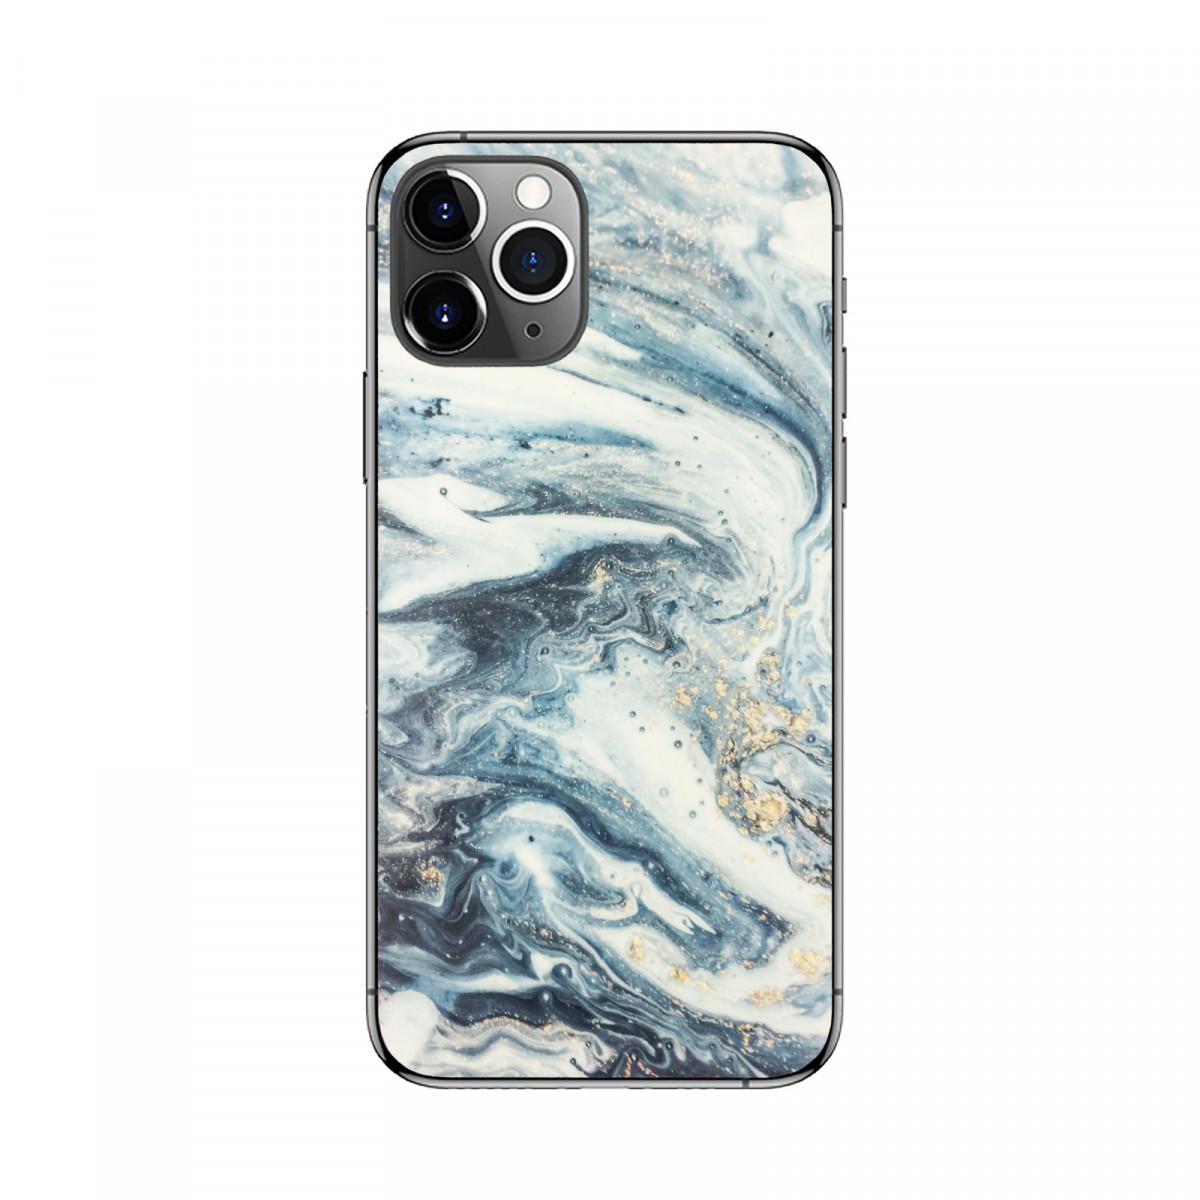 Защитная пленка чехол на смартфон Голубой Мрамор